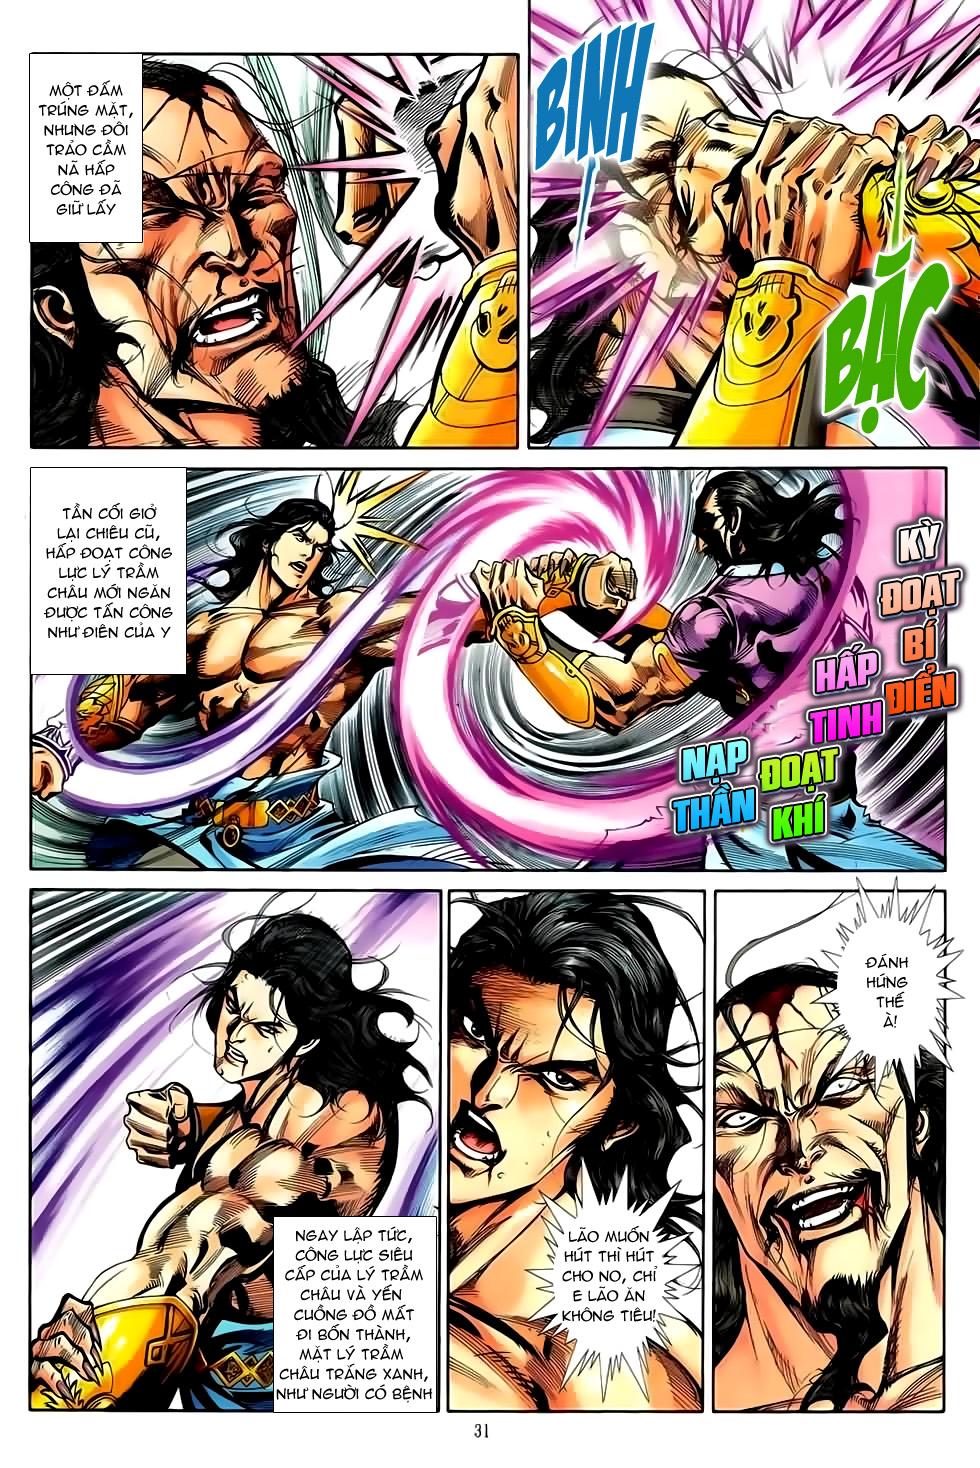 Đại Hiệp Truyền Kỳ (Thần Châu Hậu Truyện) chap 51 - Trang 28